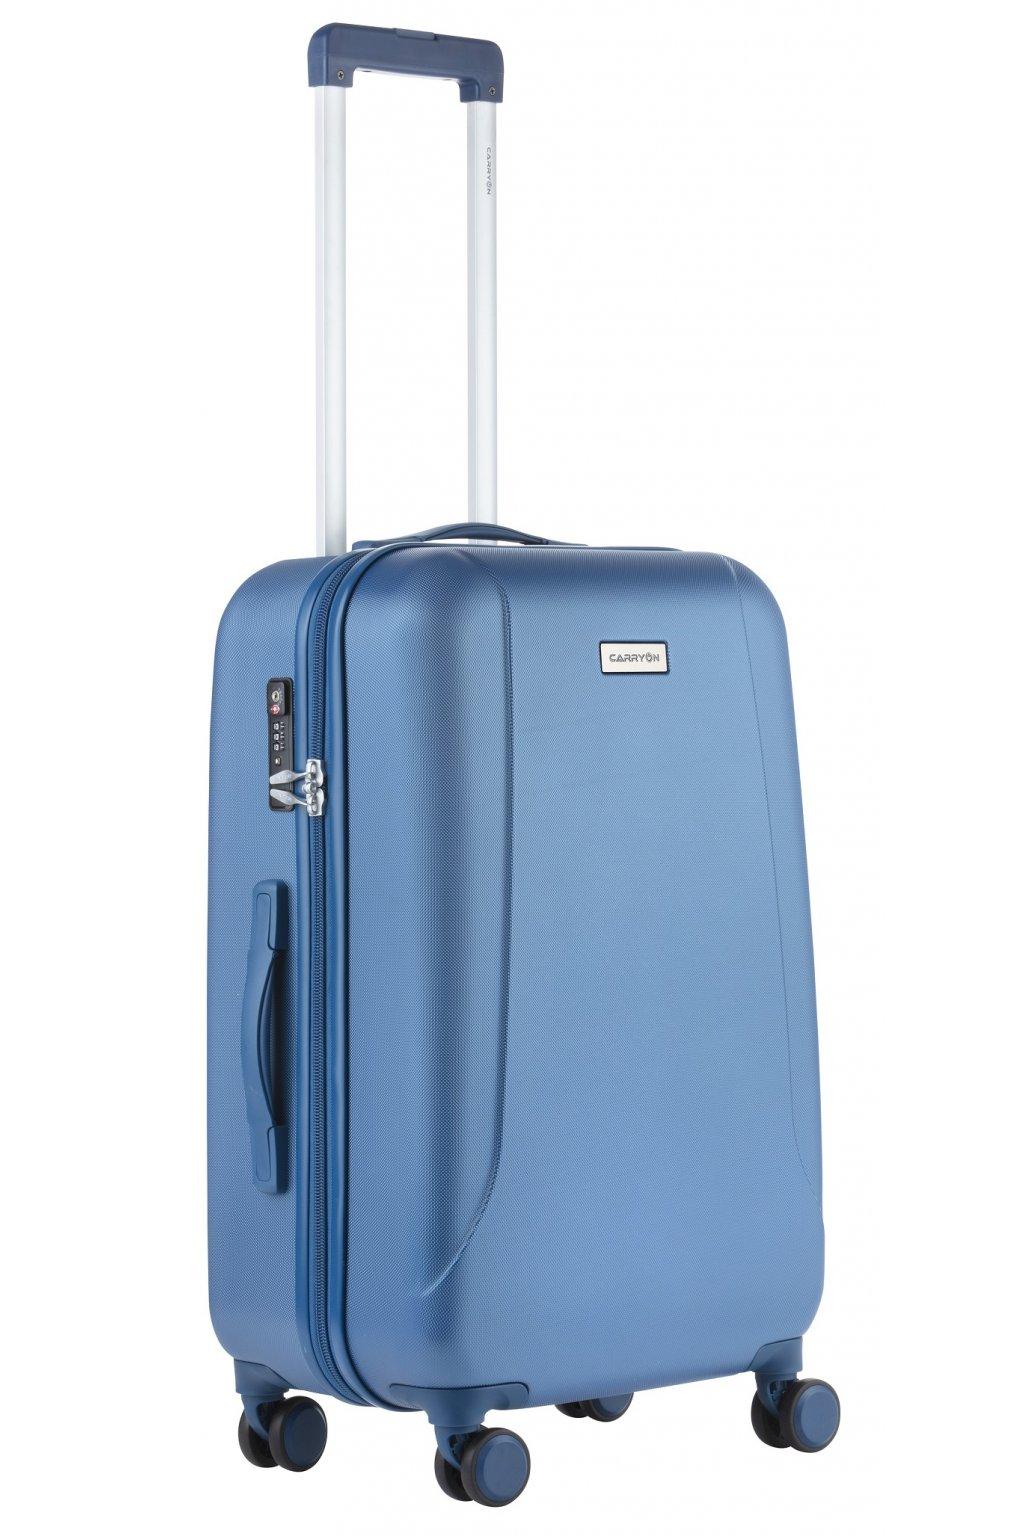 kufrland carryon skyhopper blue (7)